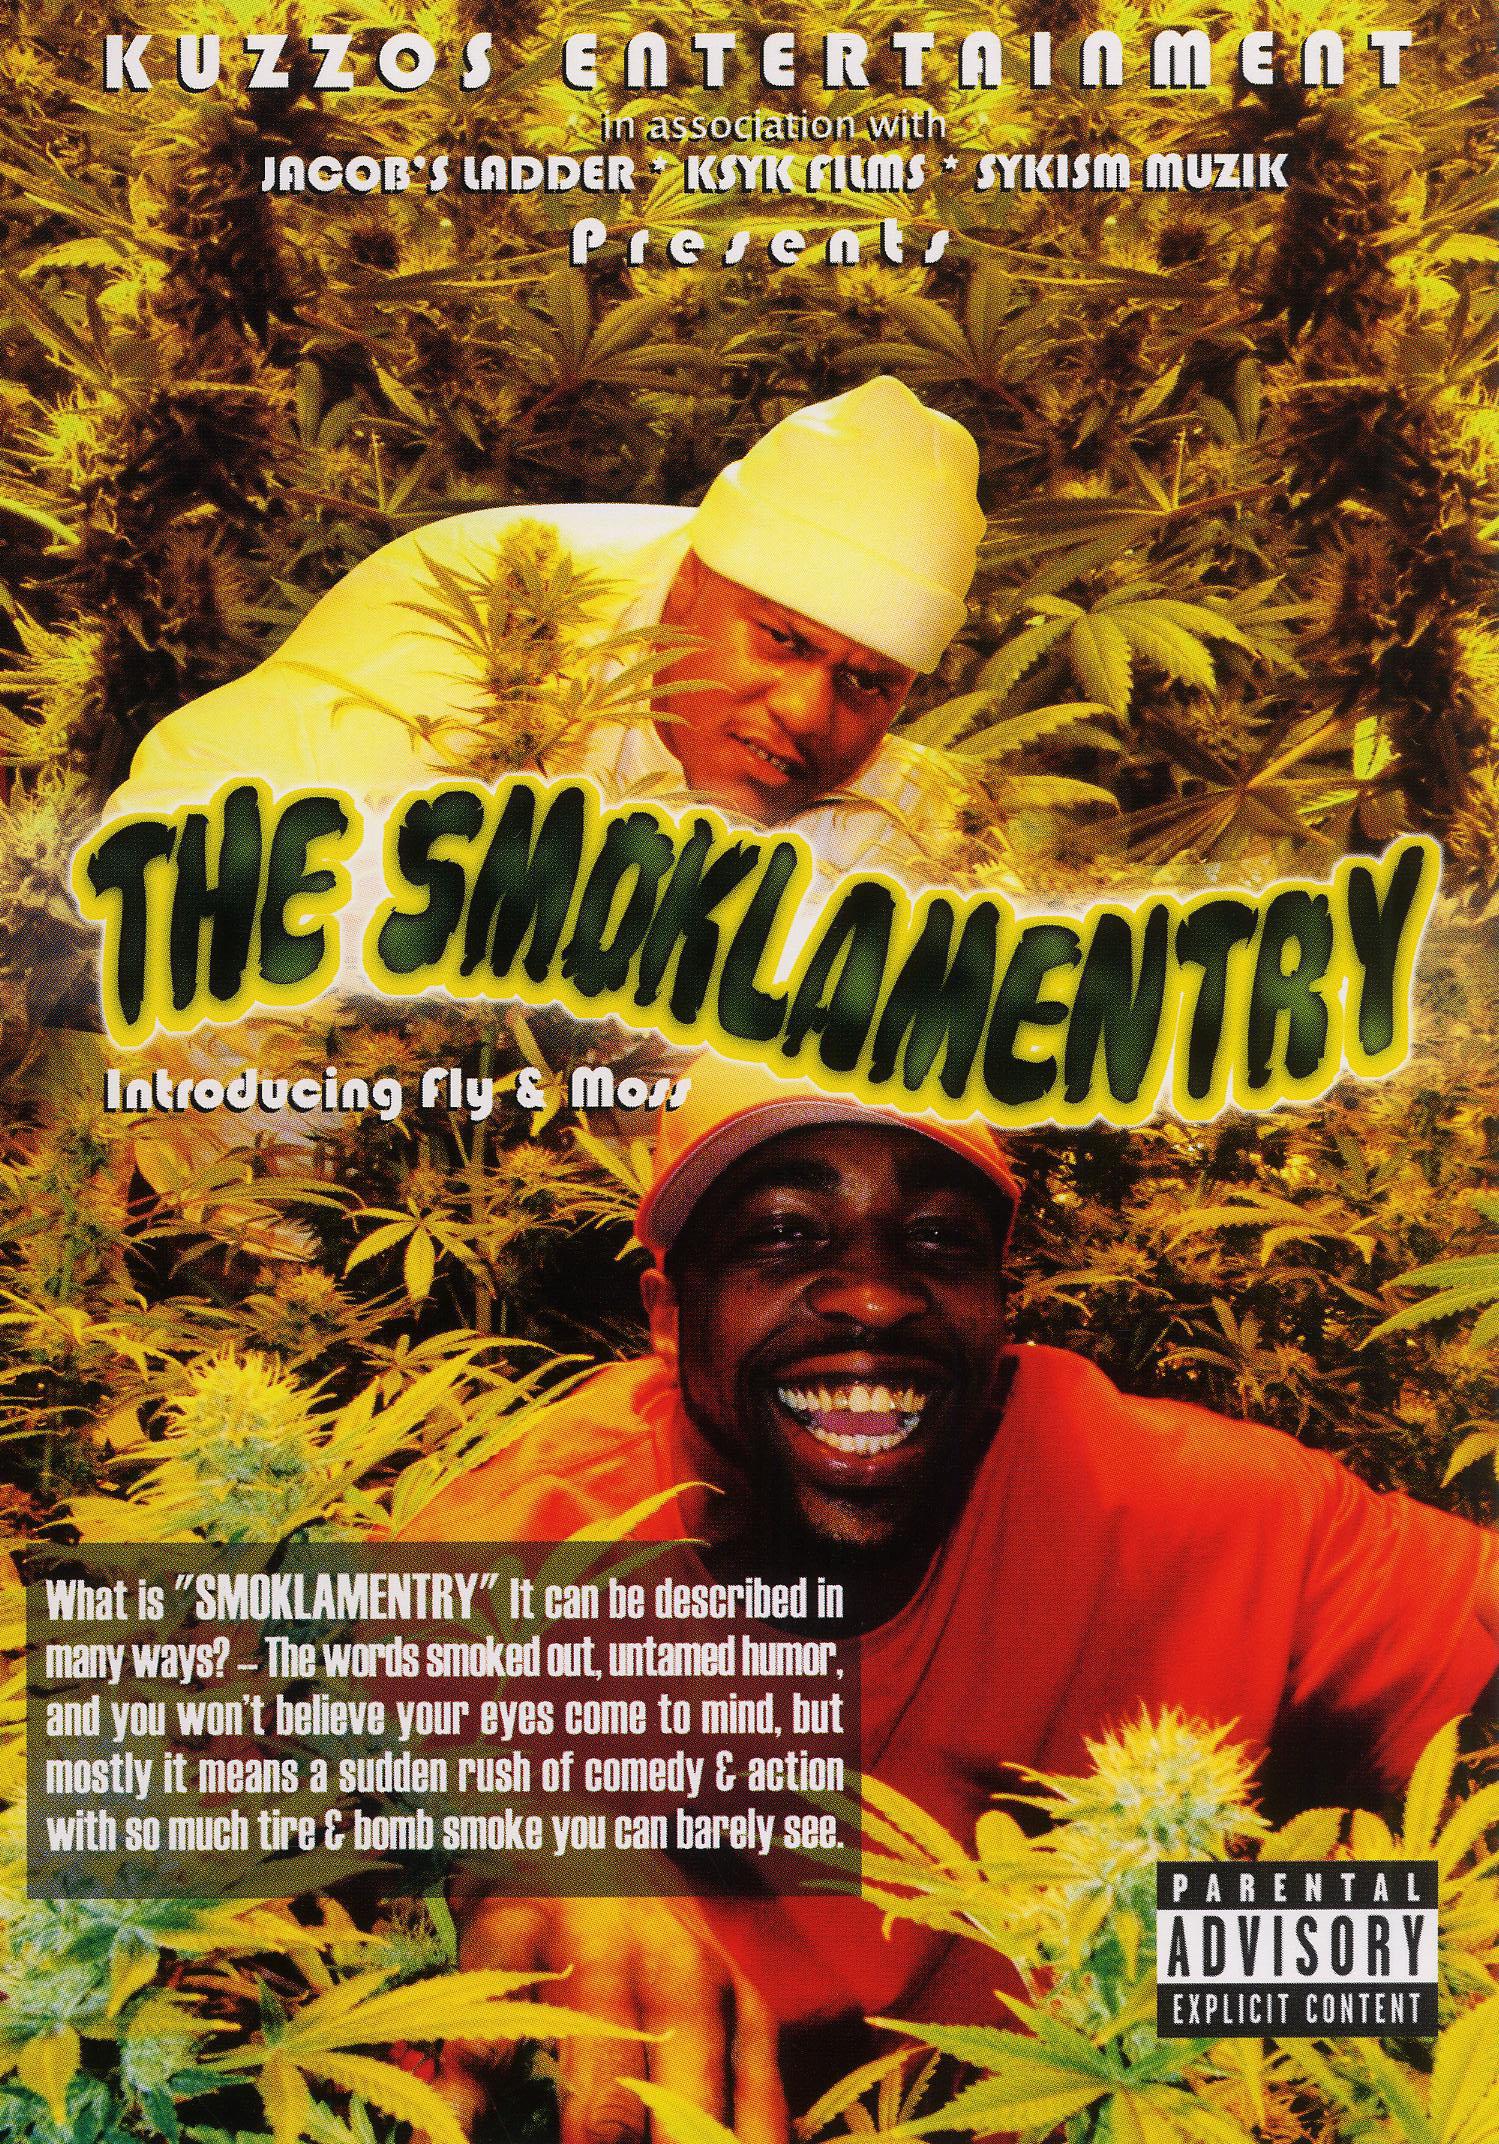 Smoklamentry